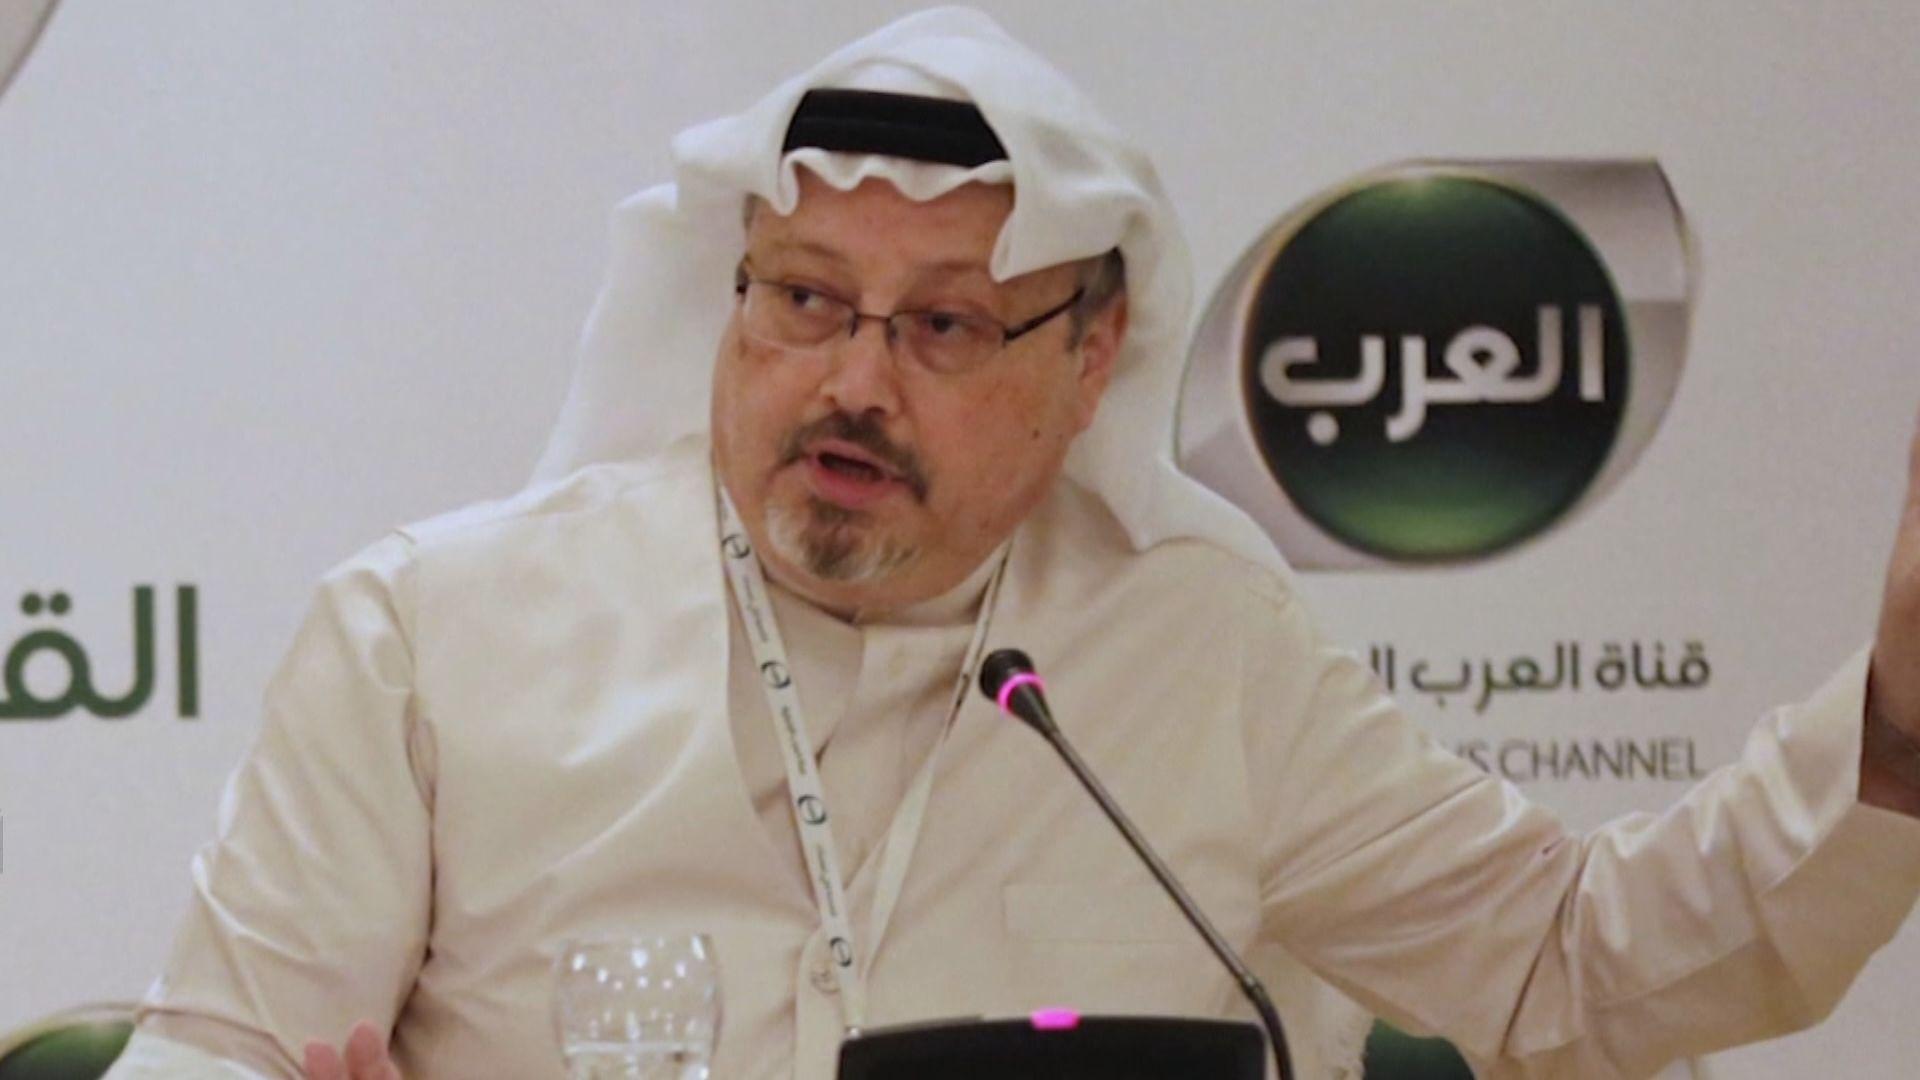 卡舒吉案 沙特判五人死刑